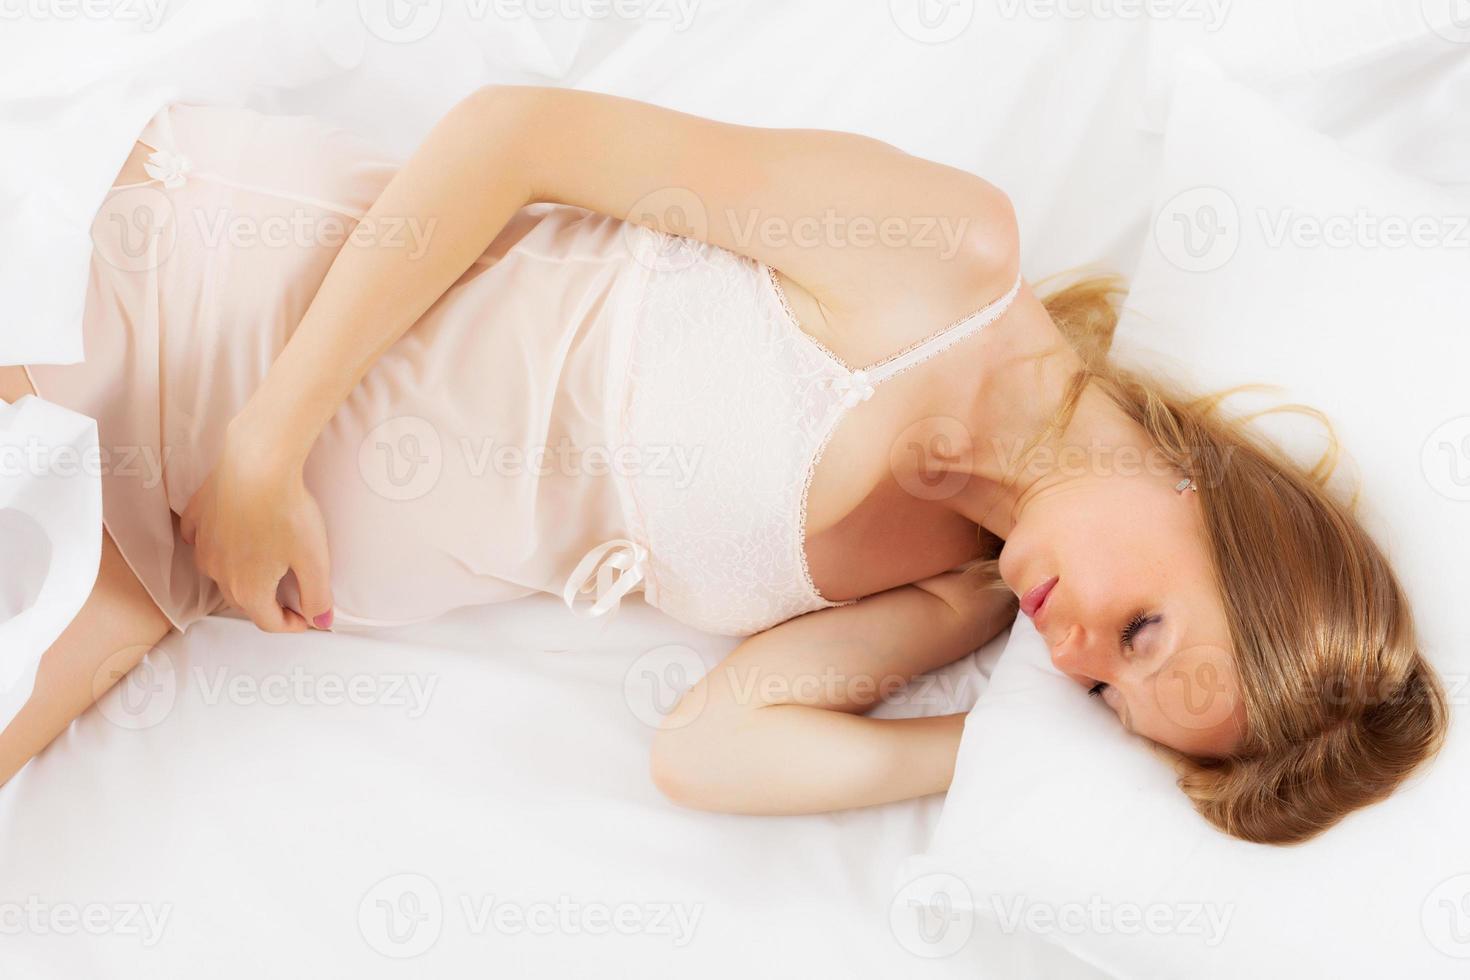 donna incinta che dorme sul foglio bianco foto